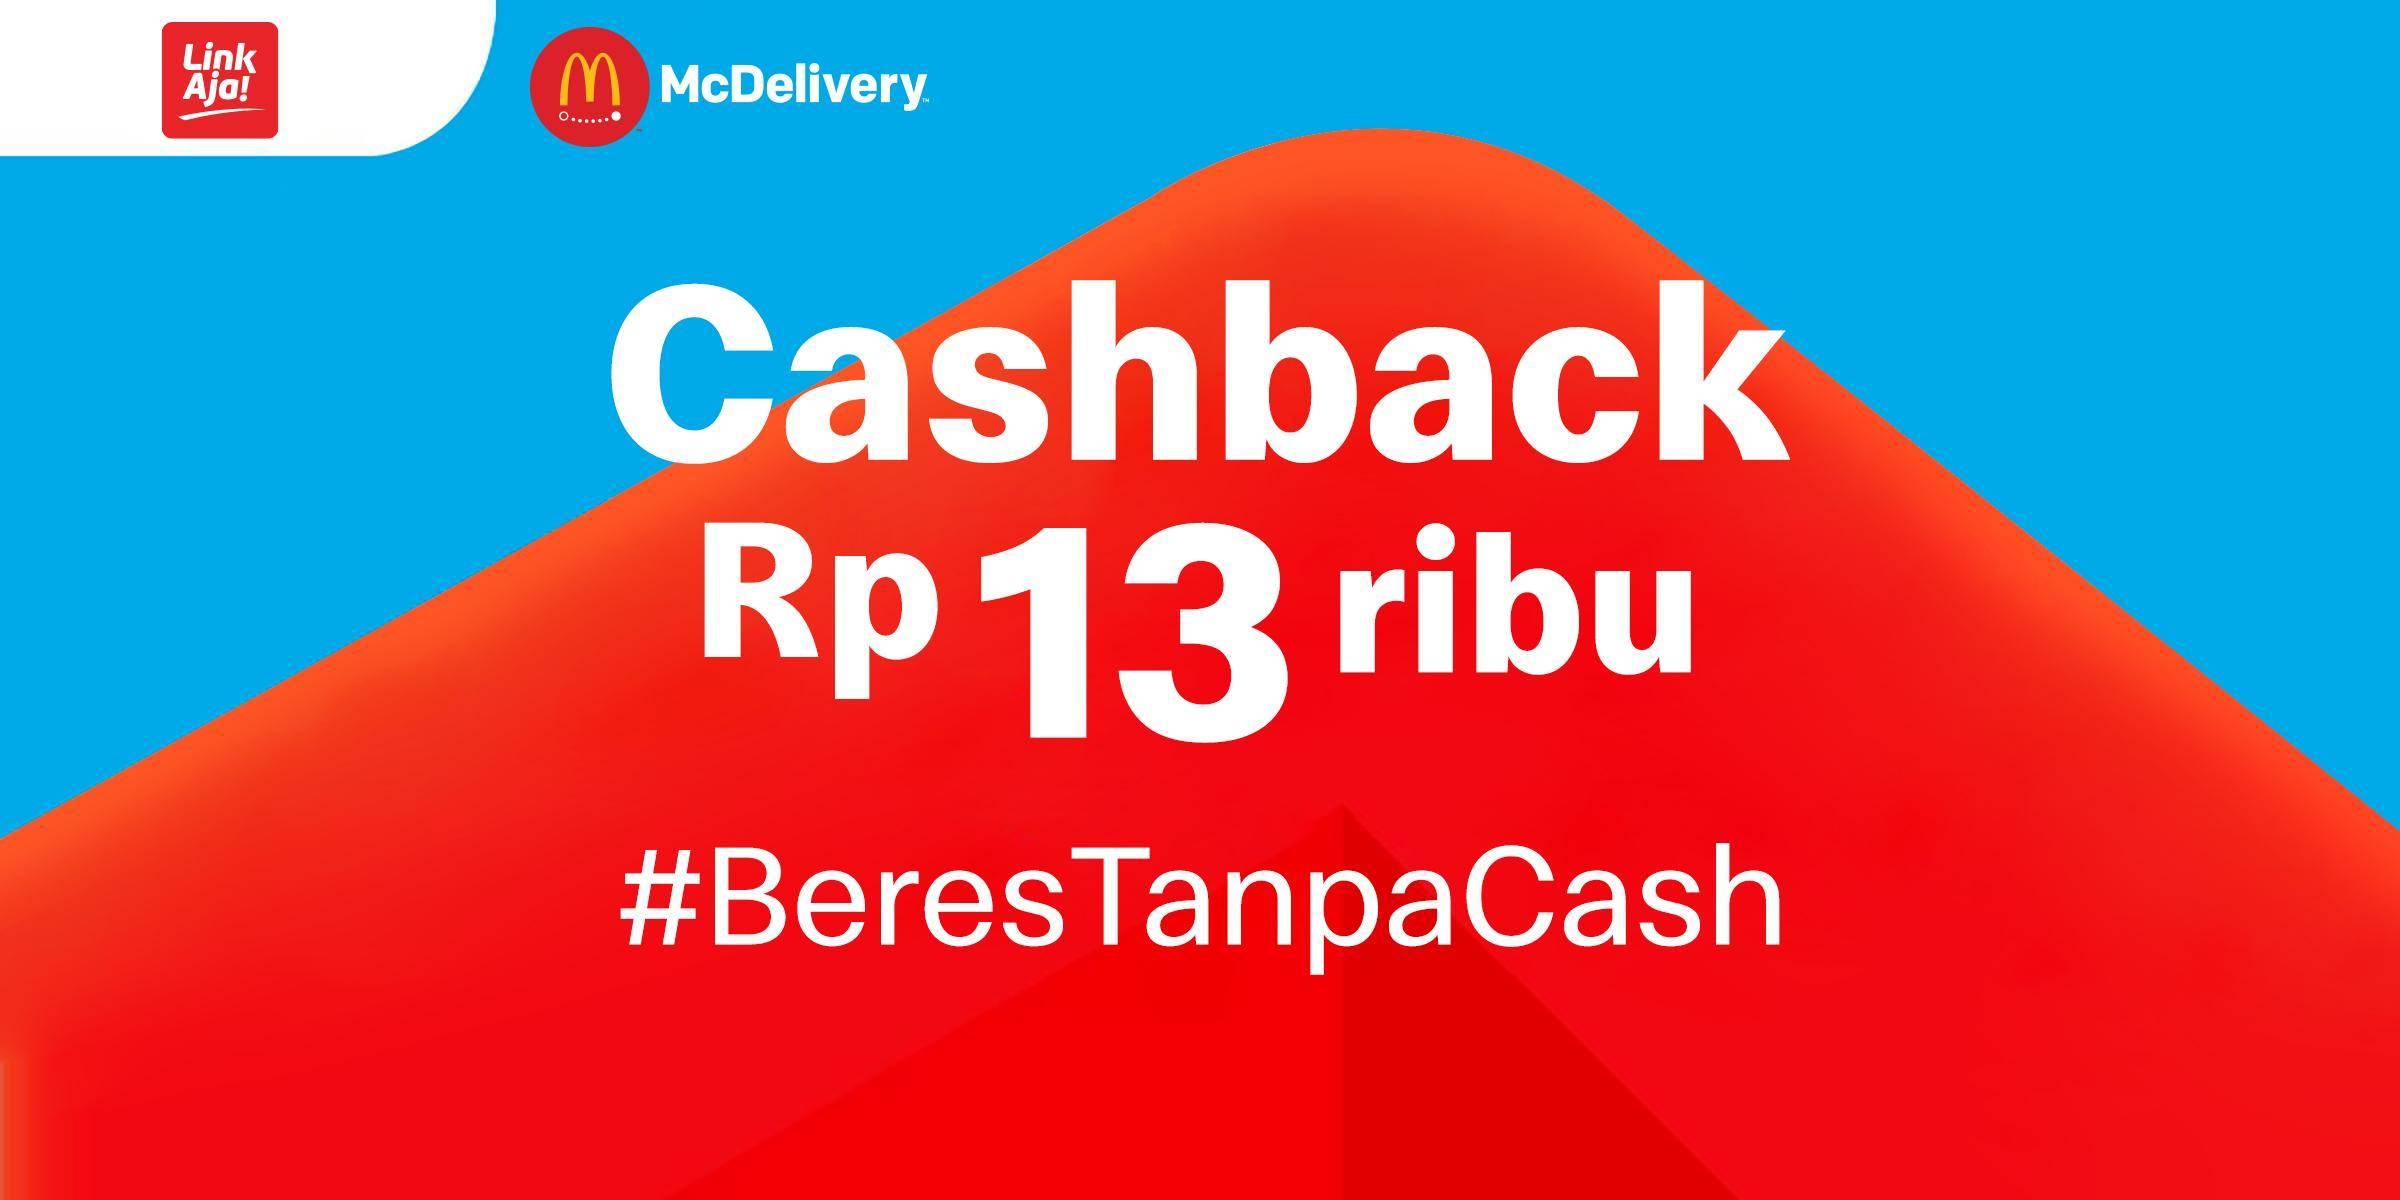 McDonalds Promo Cashback Rp. 13.000 Untuk Transaksi Menggunakan LinkAja App